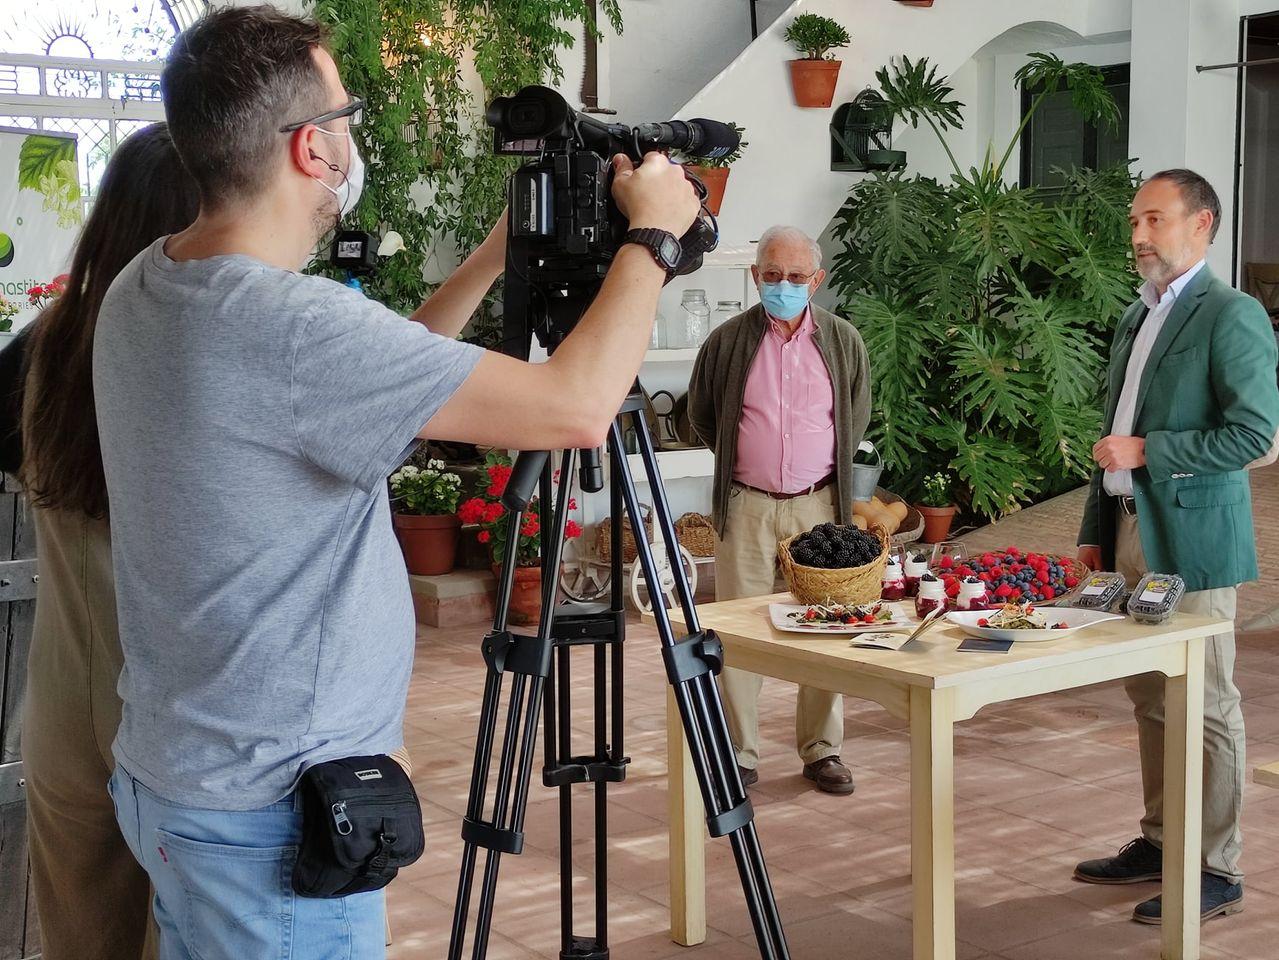 Visita del programa Saber Vivir de TVE a nuestras fincas